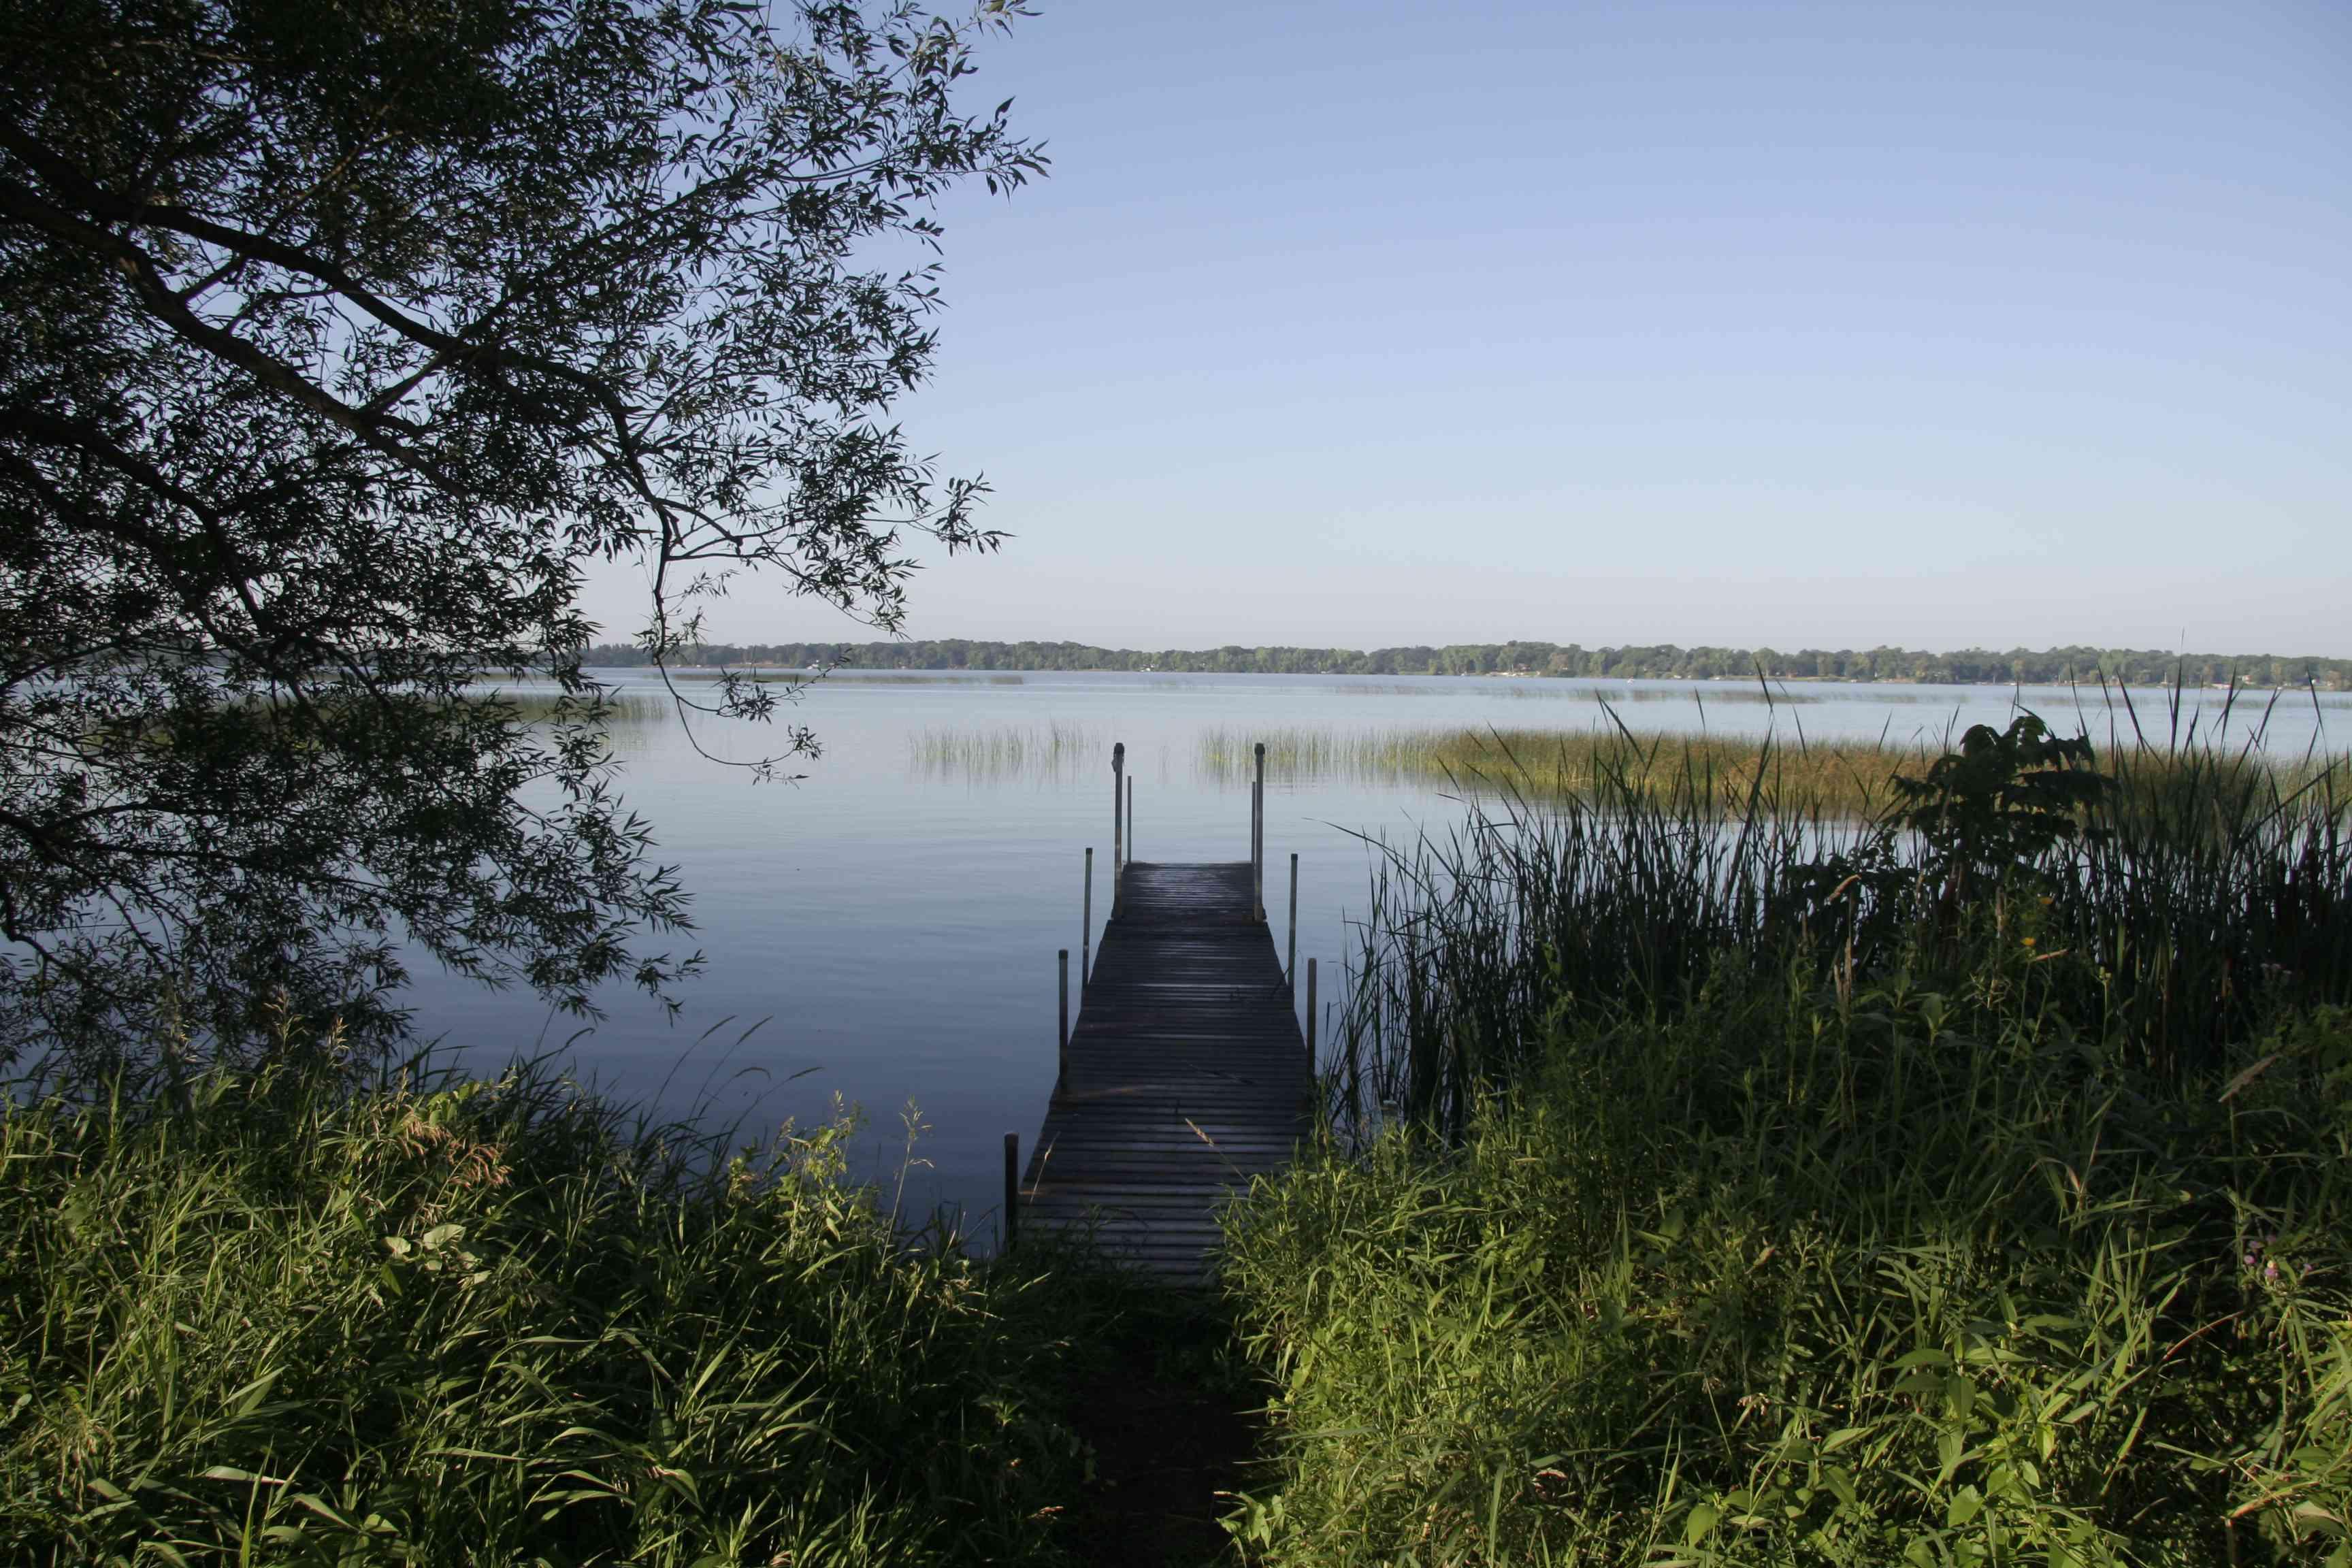 Dock on Lake Sakakawea